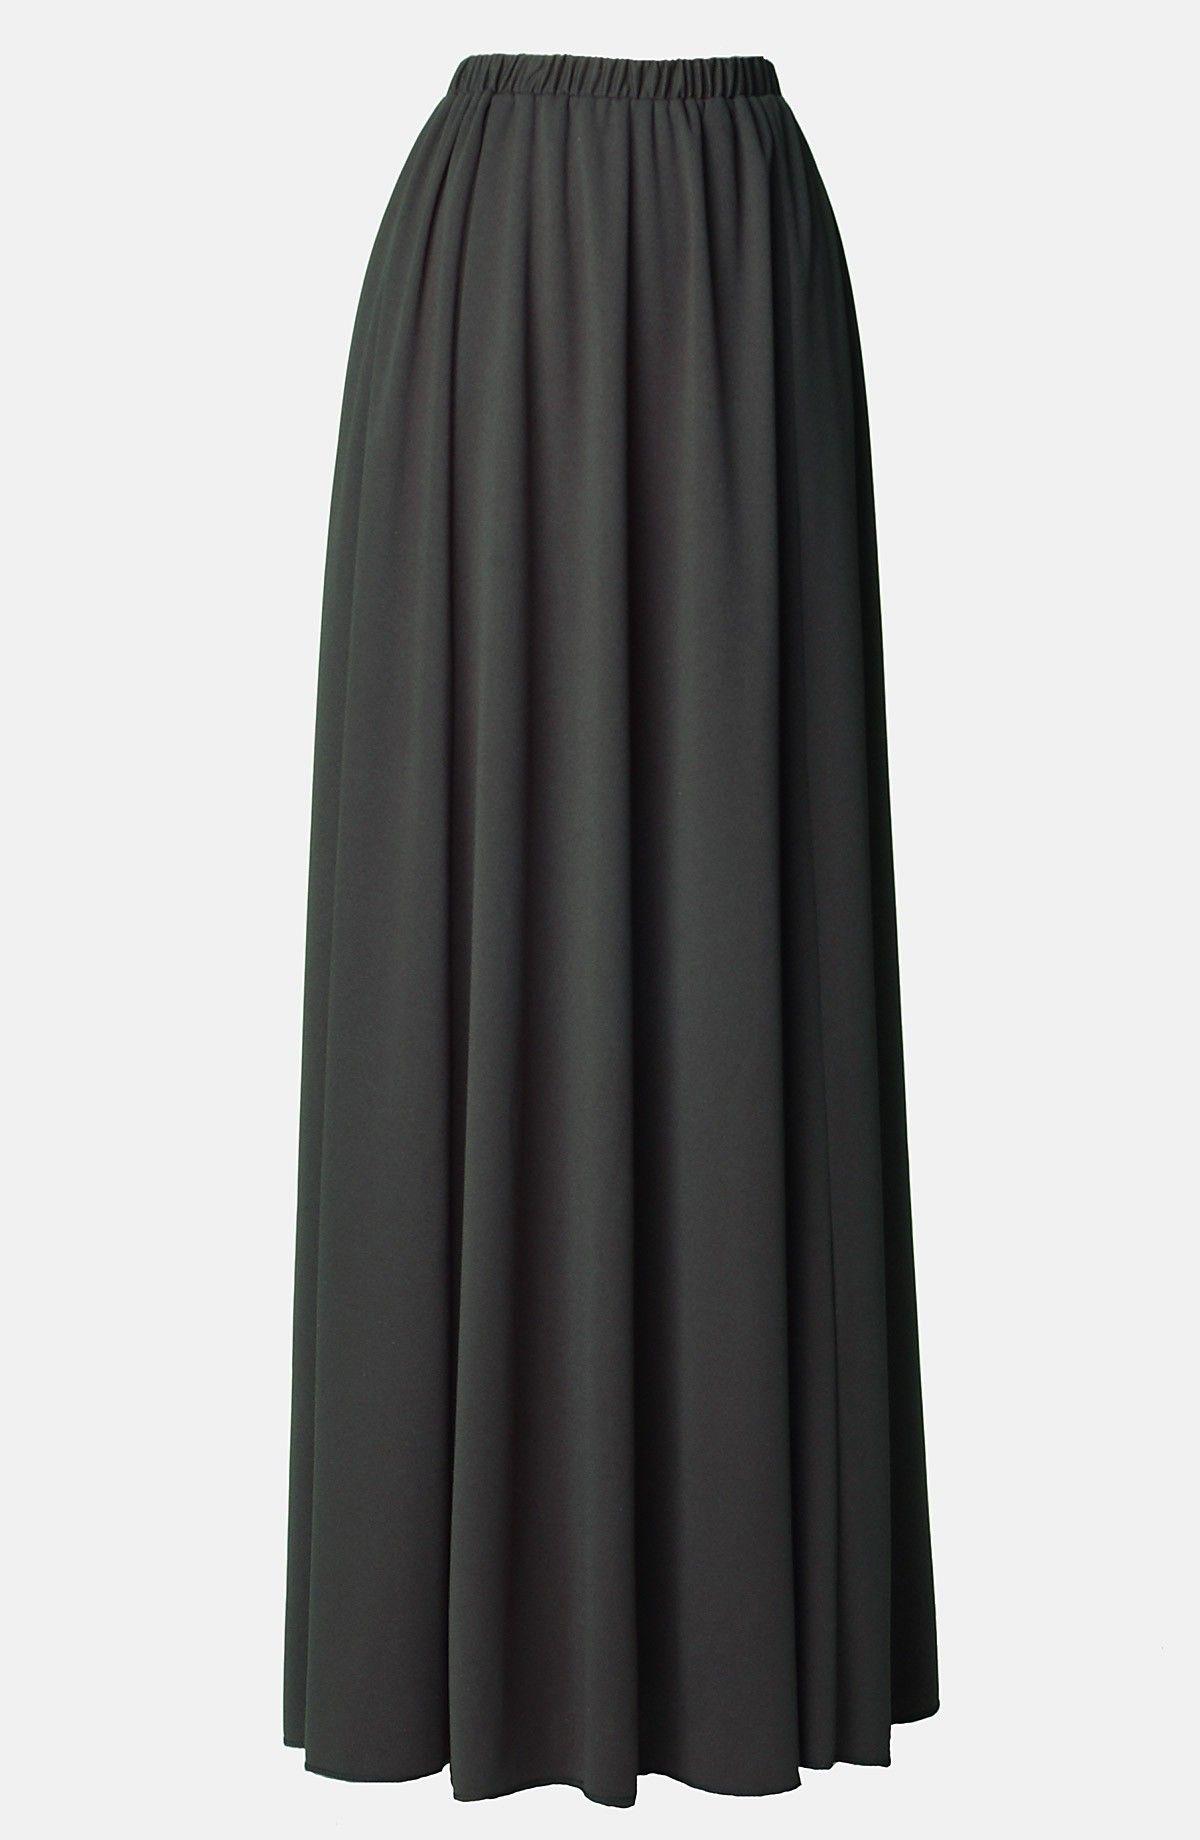 htm donna york floors v shopbop karan gored vp floor skirts length new skirt